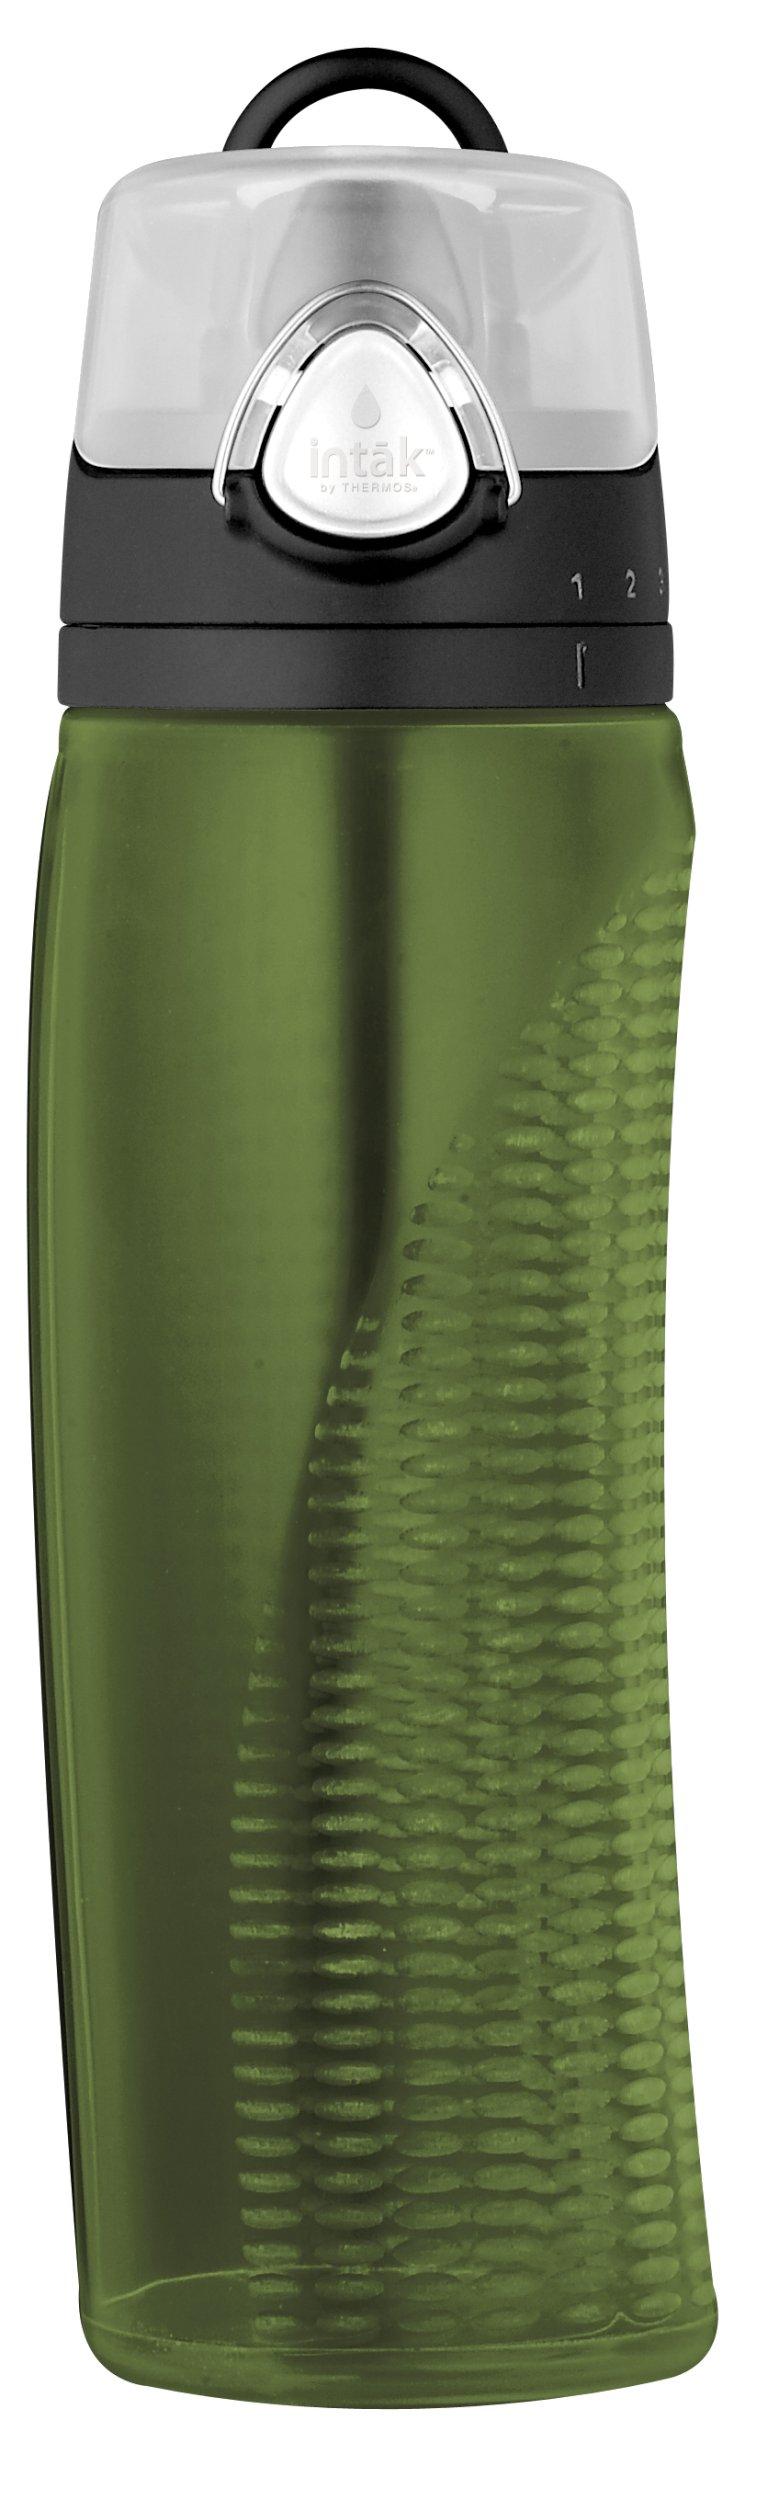 써모스 물통 Thermos Intak 24 Ounce Hydration Bottle with Meter, Green